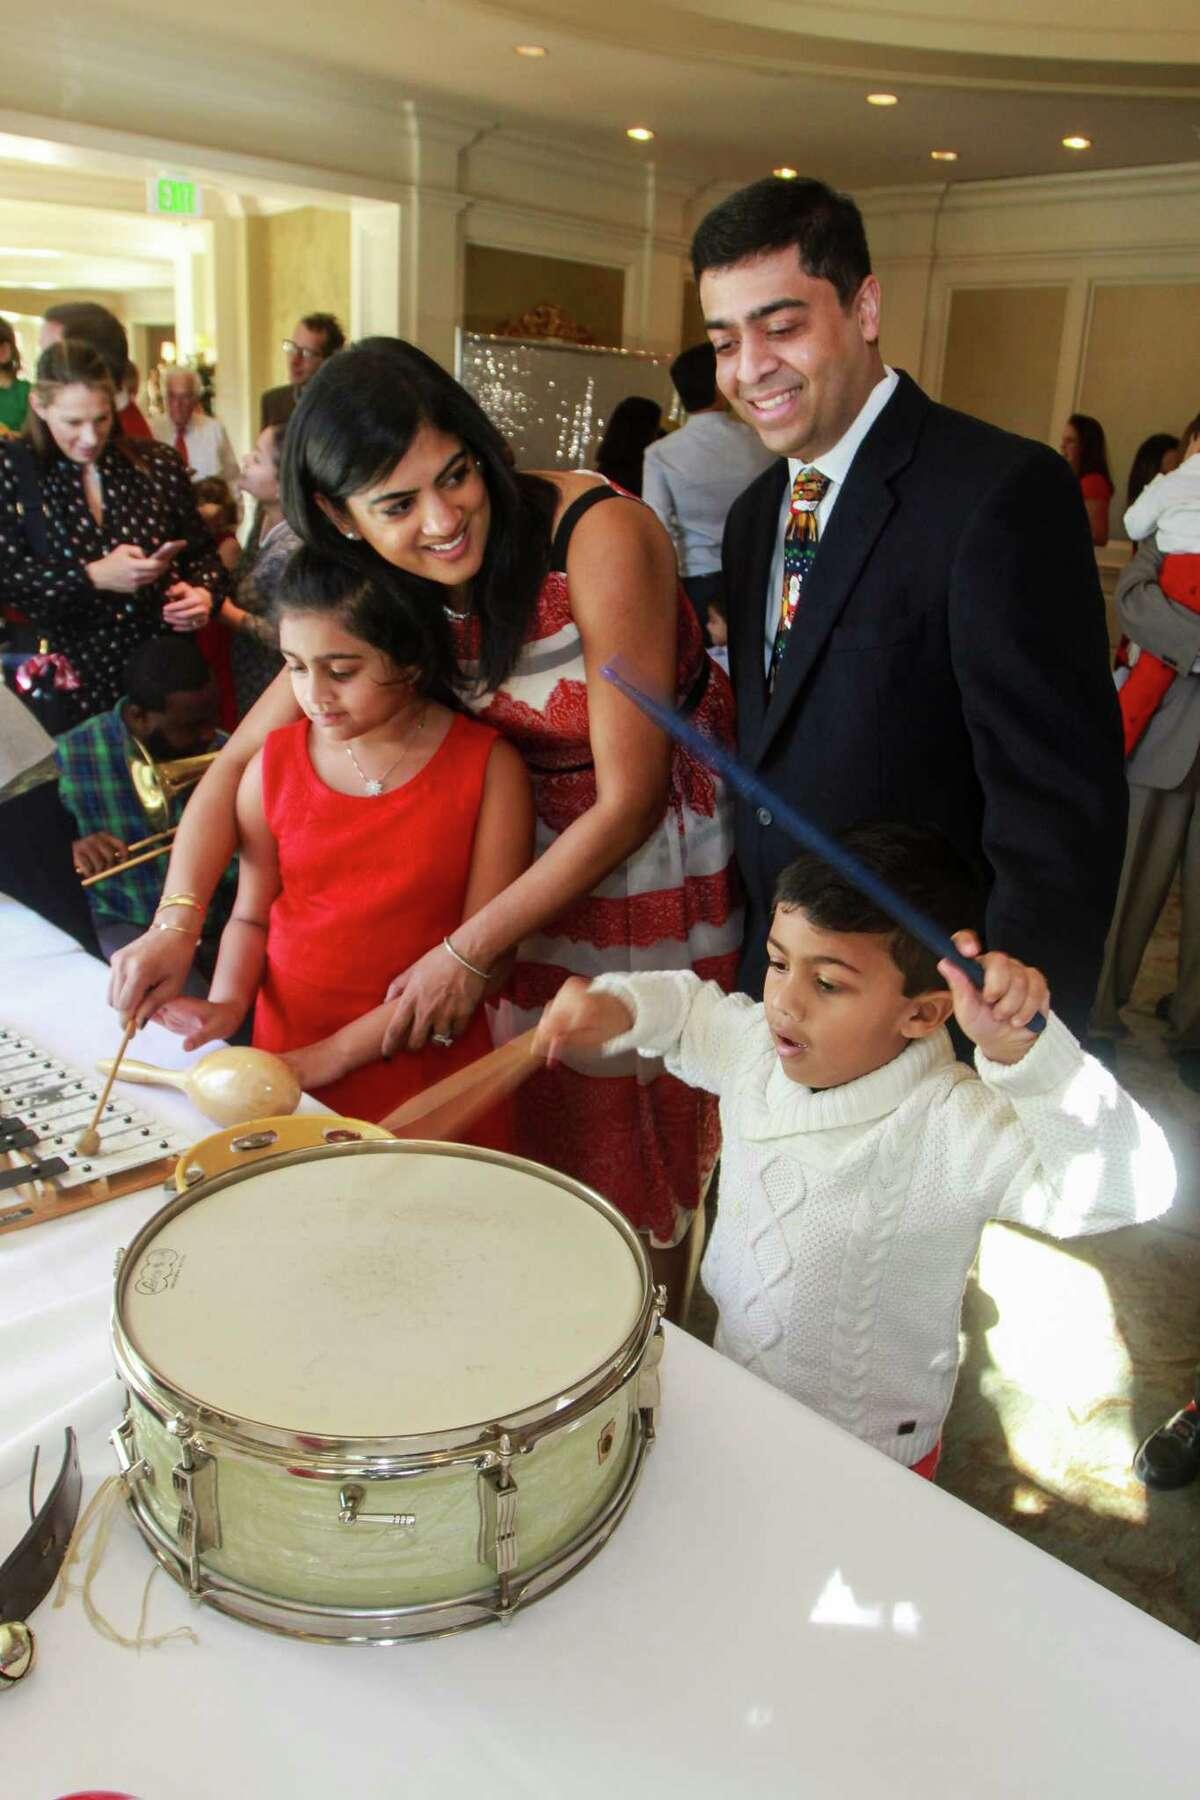 Chairs Ishwaria and Vivek Subbiah, with Sasha, 7, and Nathan, 4, at Houston Symphony's Magical Musical Morning.